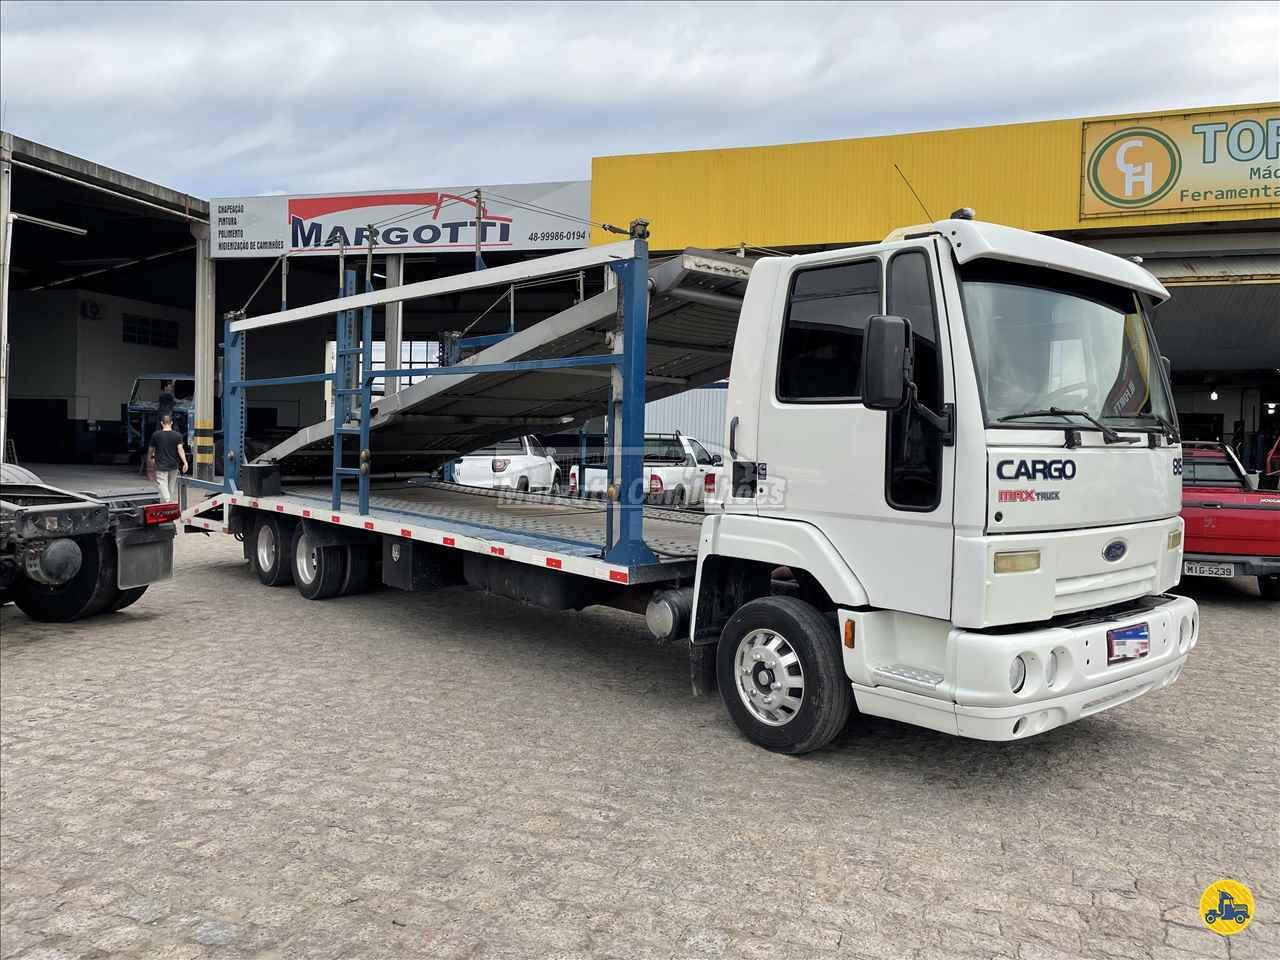 CAMINHAO FORD CARGO 815 Cegonha Truck 6x2 Margotti Caminhões TUBARAO SANTA CATARINA SC